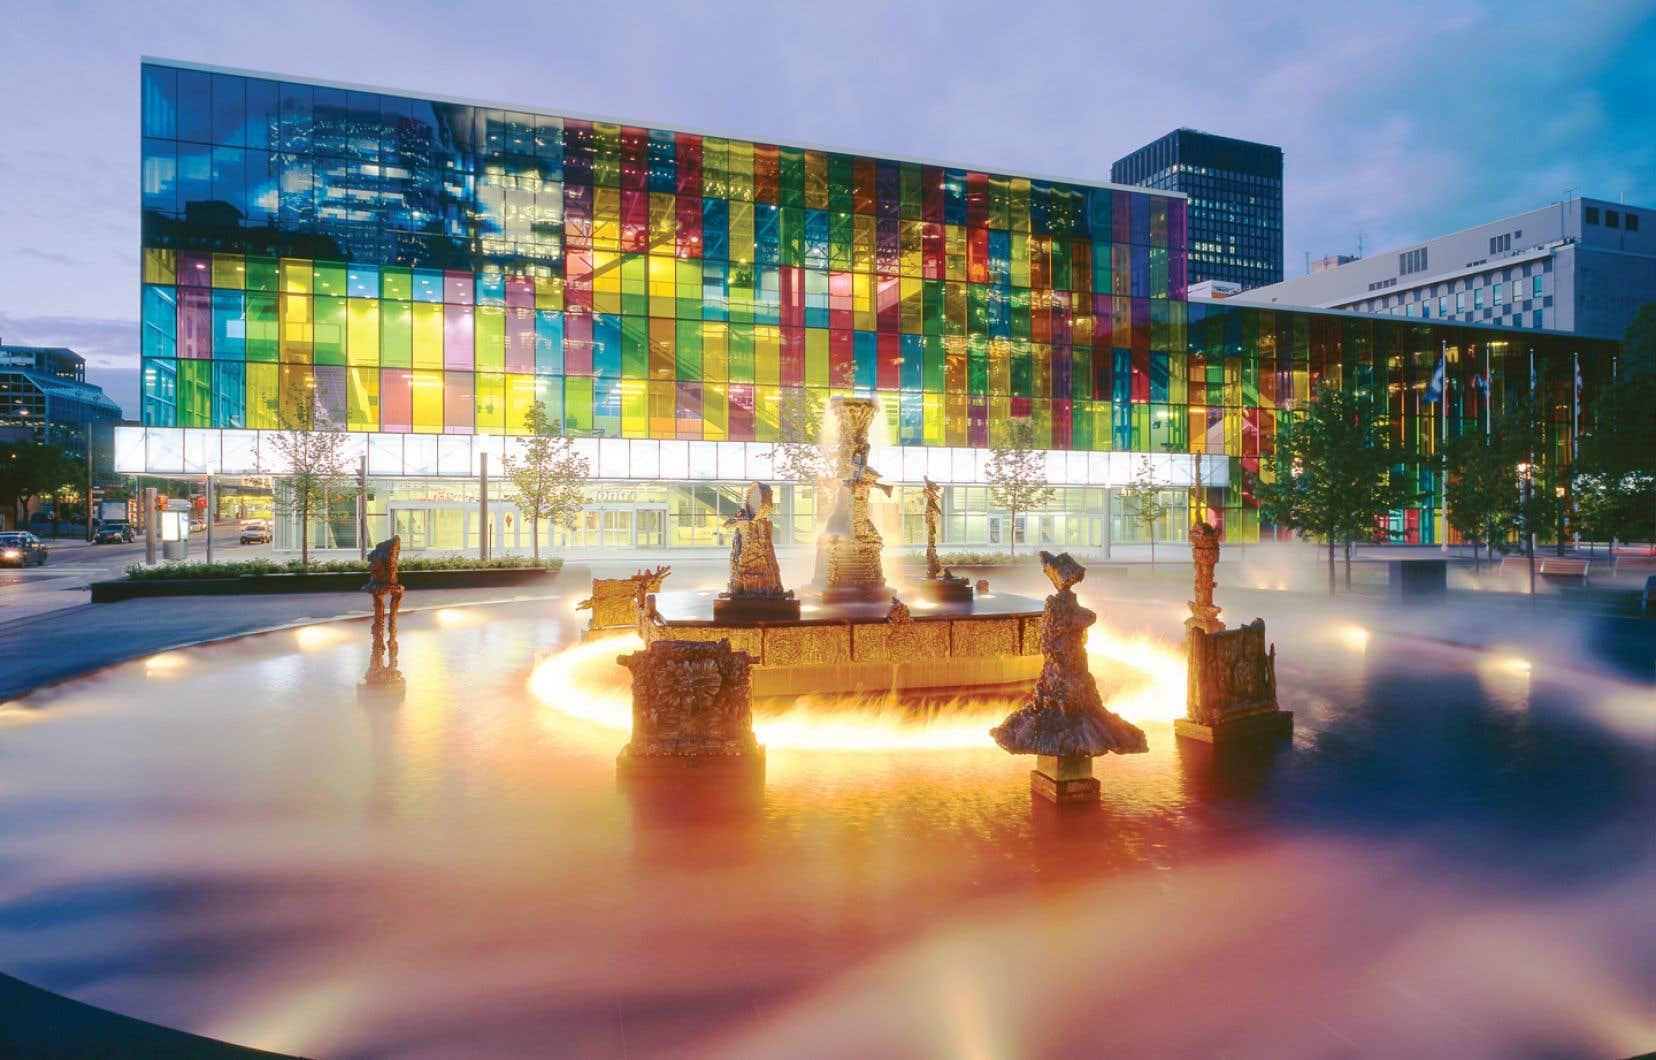 «Le Palais des congrès crée entre 225 et 245millions de retombées économiques pour Montréal annuellement», indique RaymondLarivée, président-directeur général du Palais des congrès.